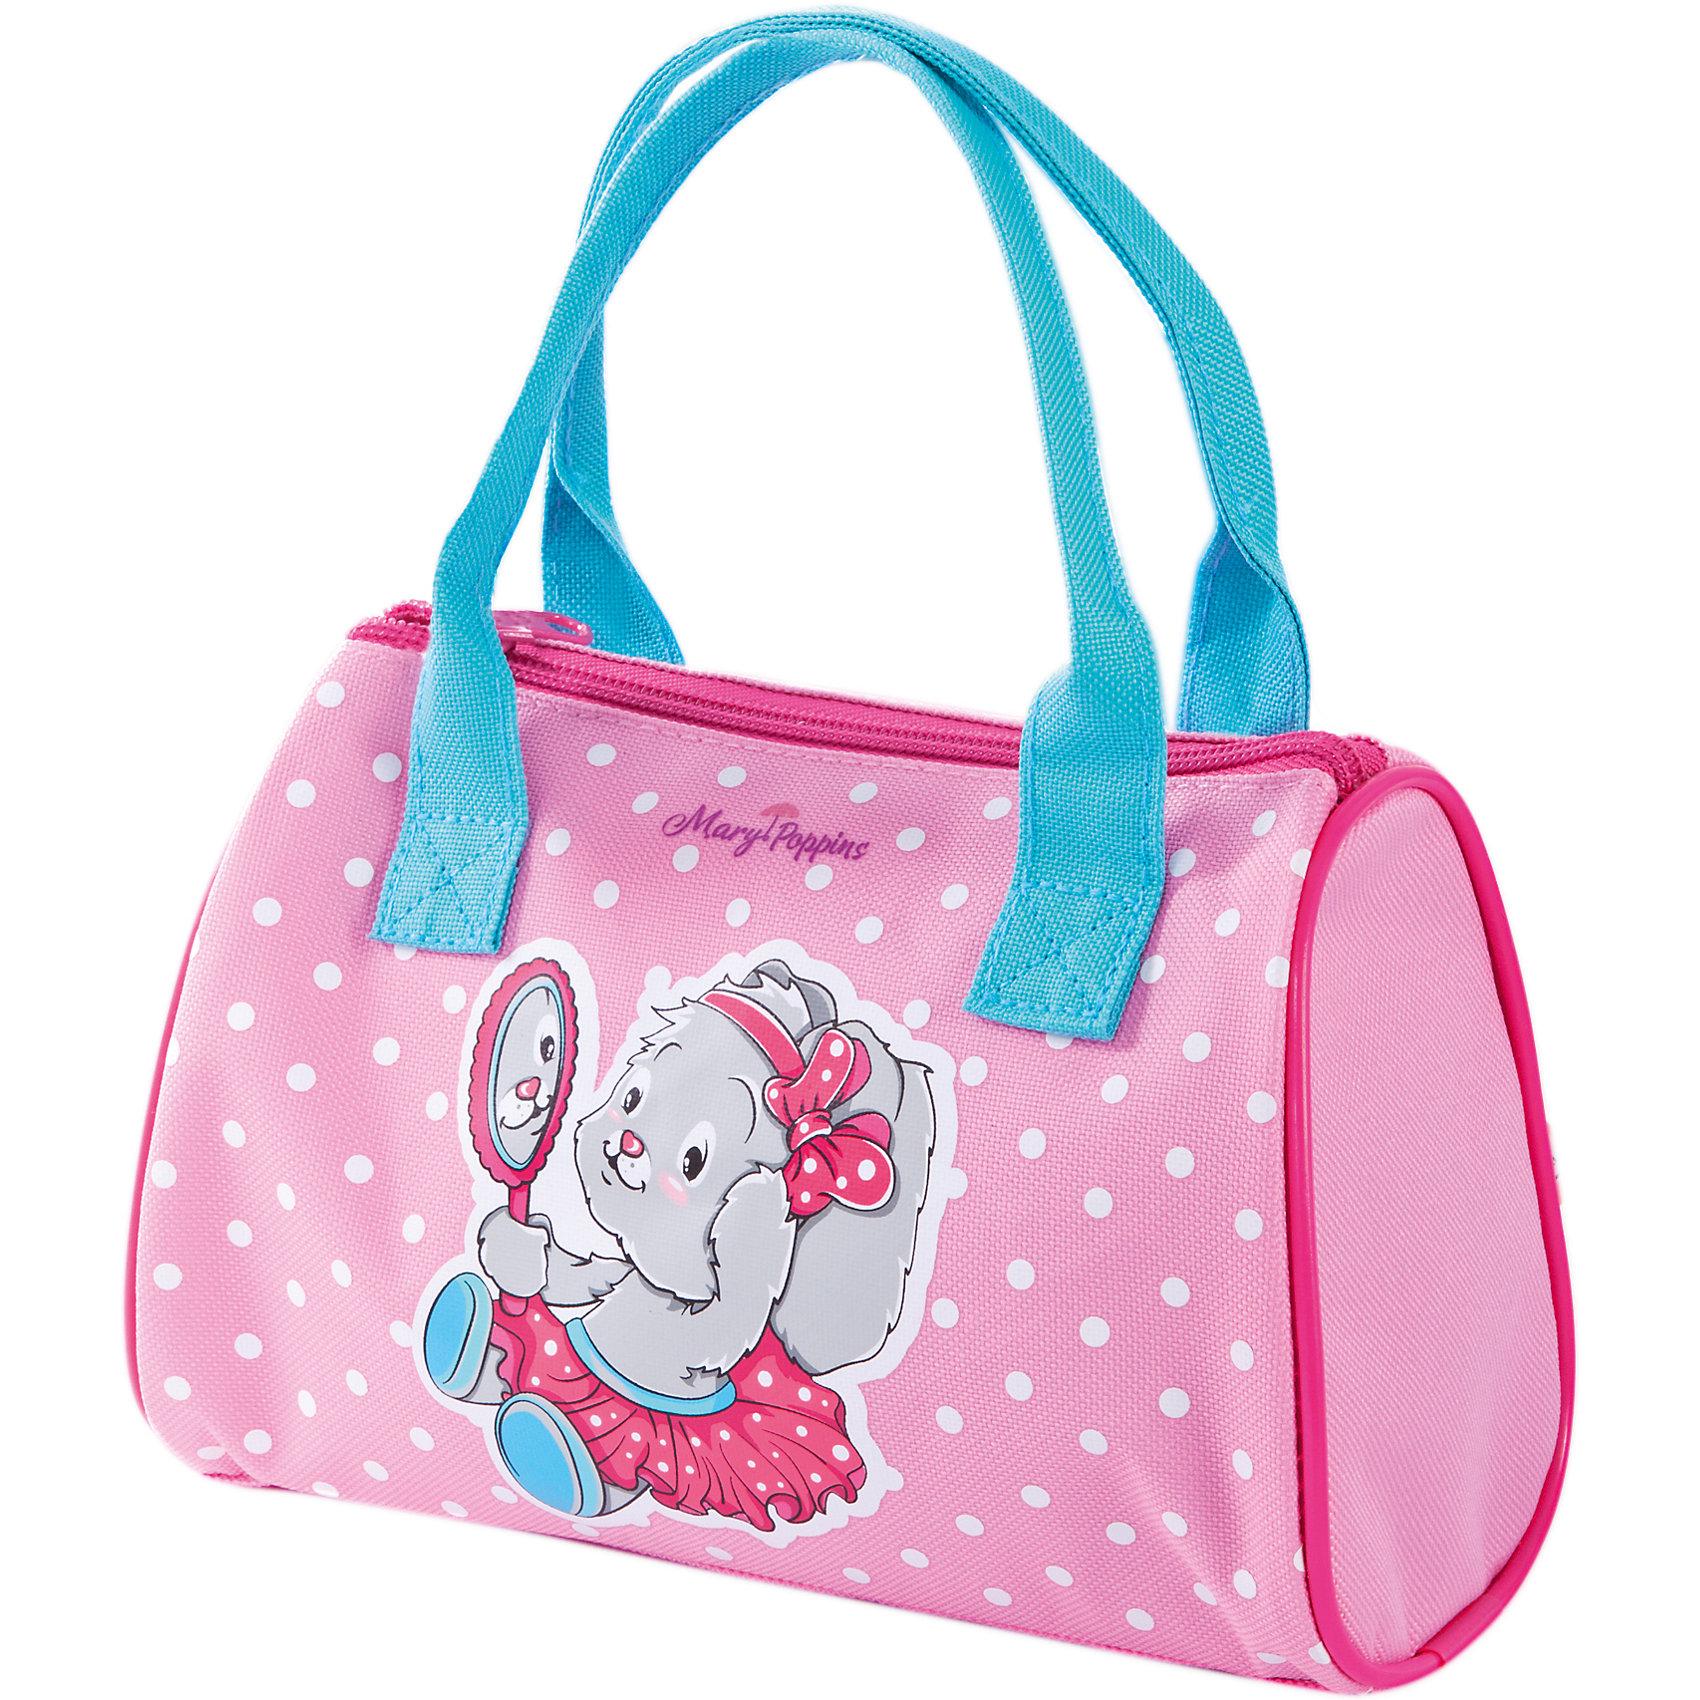 Сумочка Зайка 21*10*16 см.Детские сумки<br>Сумочка Зайка 21*10*16 см., Mary Poppins (Мэри Поппинс)<br><br>Характеристики:<br><br>• яркий дизайн<br>• вместительное отделение<br>• две ручки<br>• размер: 21х10х16 см<br>• материал: текстиль, пластик<br>• размер упаковки: 21х10х16 см<br>• вес: 98 грамм<br><br>Стильная и компактная сумочка Зайка порадует каждую маленькую модницу. Сумка изготовлена из качественных прочных материалов, благодаря чему девочка сможет взять с собой все необходимые вещи. Основное отделение сумки надежно закрывается  с помощью молнии. Сумка имеет две ручки для удобства ношения. Лицевая сторона оформлена красивым принтом с изображением зайки.<br><br>Сумочку Зайка 21*10*16 см., Mary Poppins (Мэри Поппинс) вы можете купить в нашем интернет-магазине.<br><br>Ширина мм: 210<br>Глубина мм: 160<br>Высота мм: 1000<br>Вес г: 98<br>Возраст от месяцев: 36<br>Возраст до месяцев: 2147483647<br>Пол: Женский<br>Возраст: Детский<br>SKU: 5508561